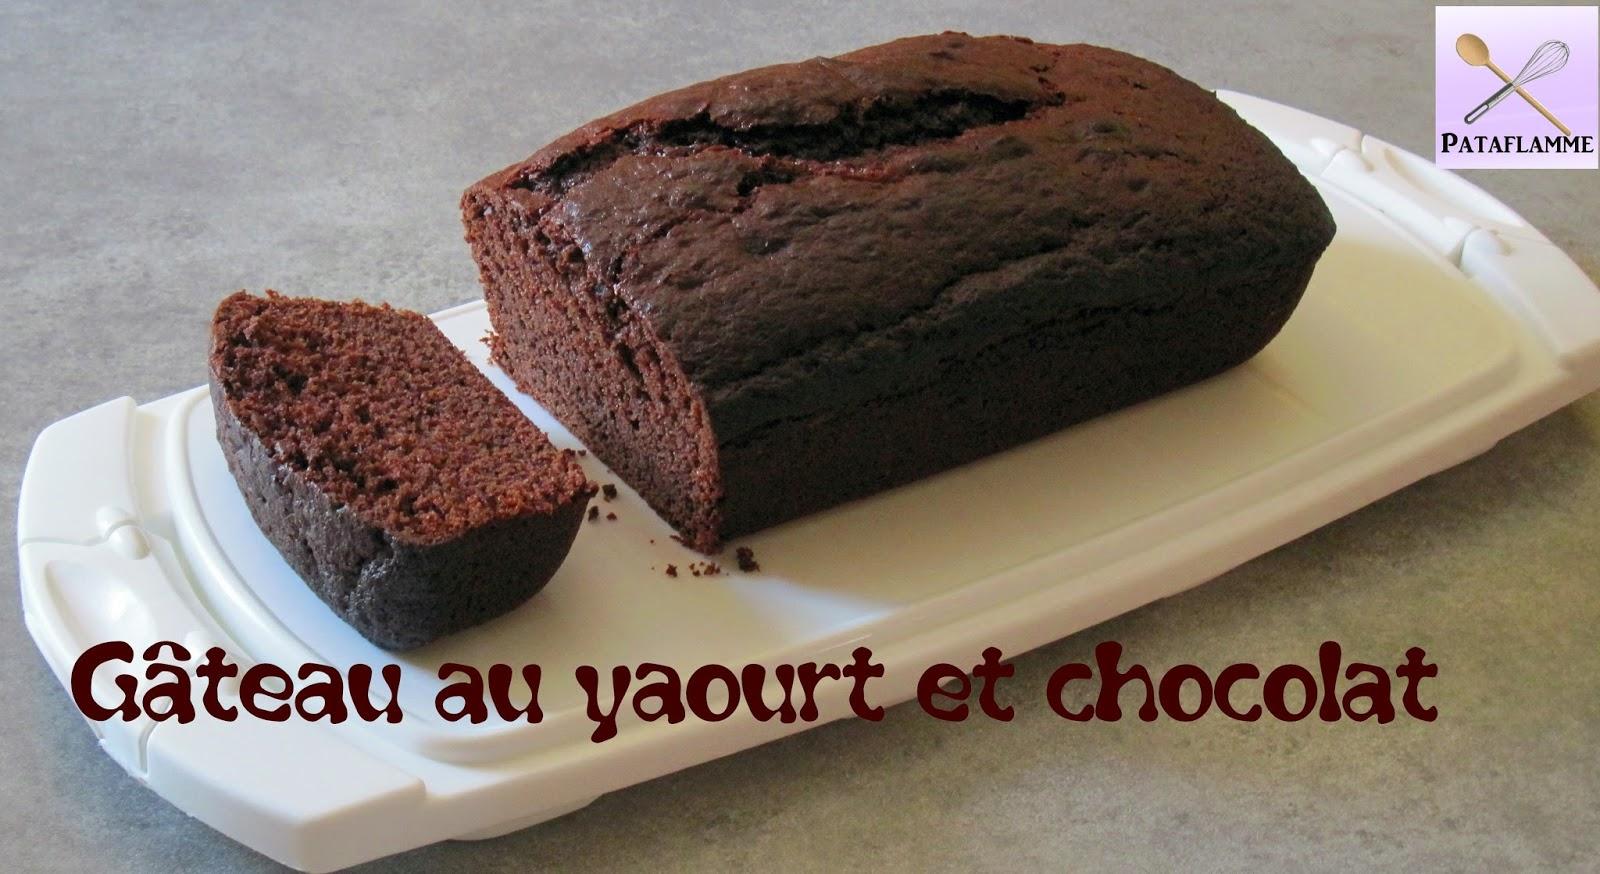 Les recettes faciles de pataflamme le g teau au yaourt et au chocolat - Faire un gateau au yaourt ...